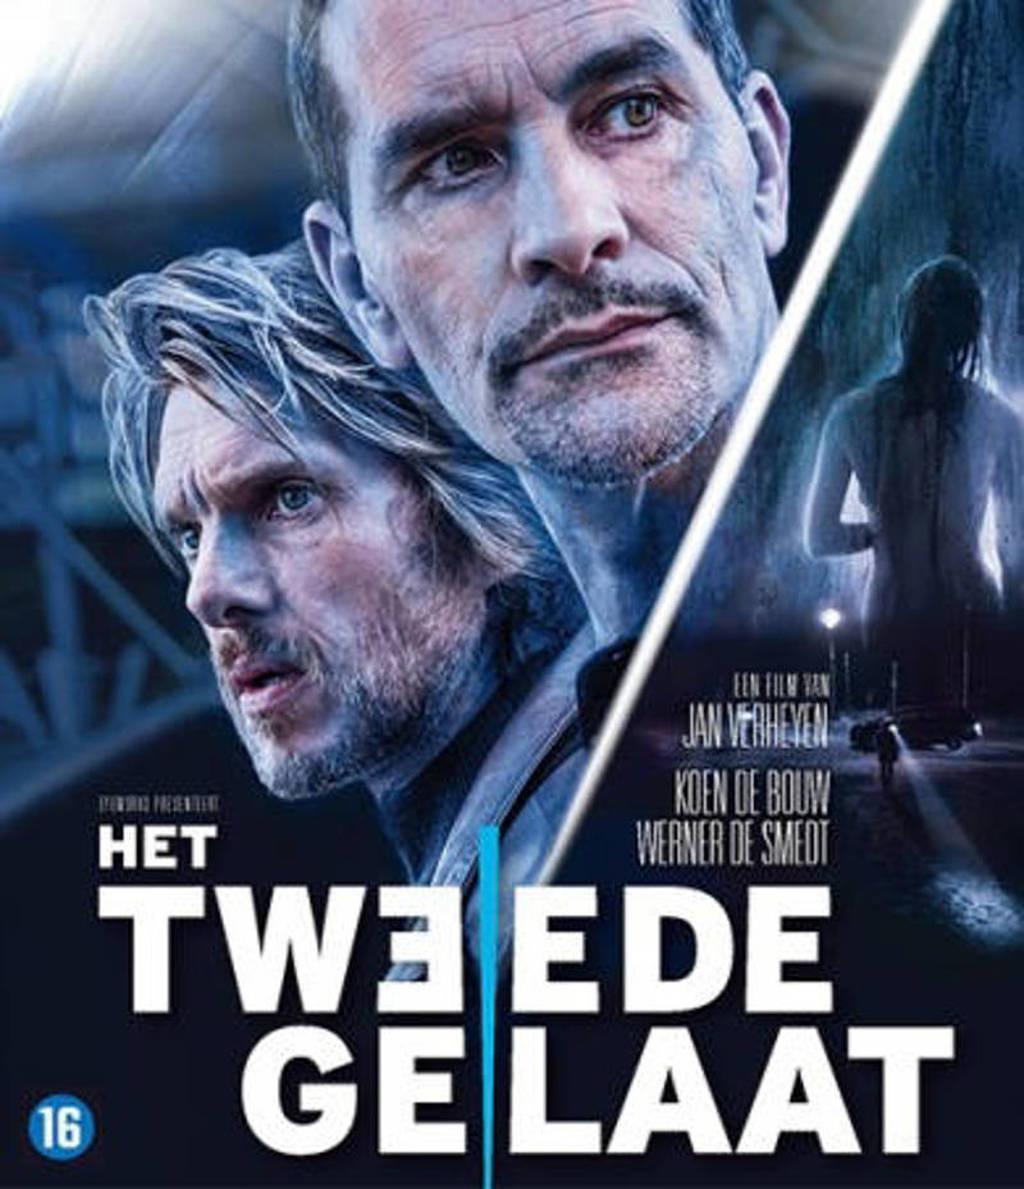 Tweede gelaat (Blu-ray)